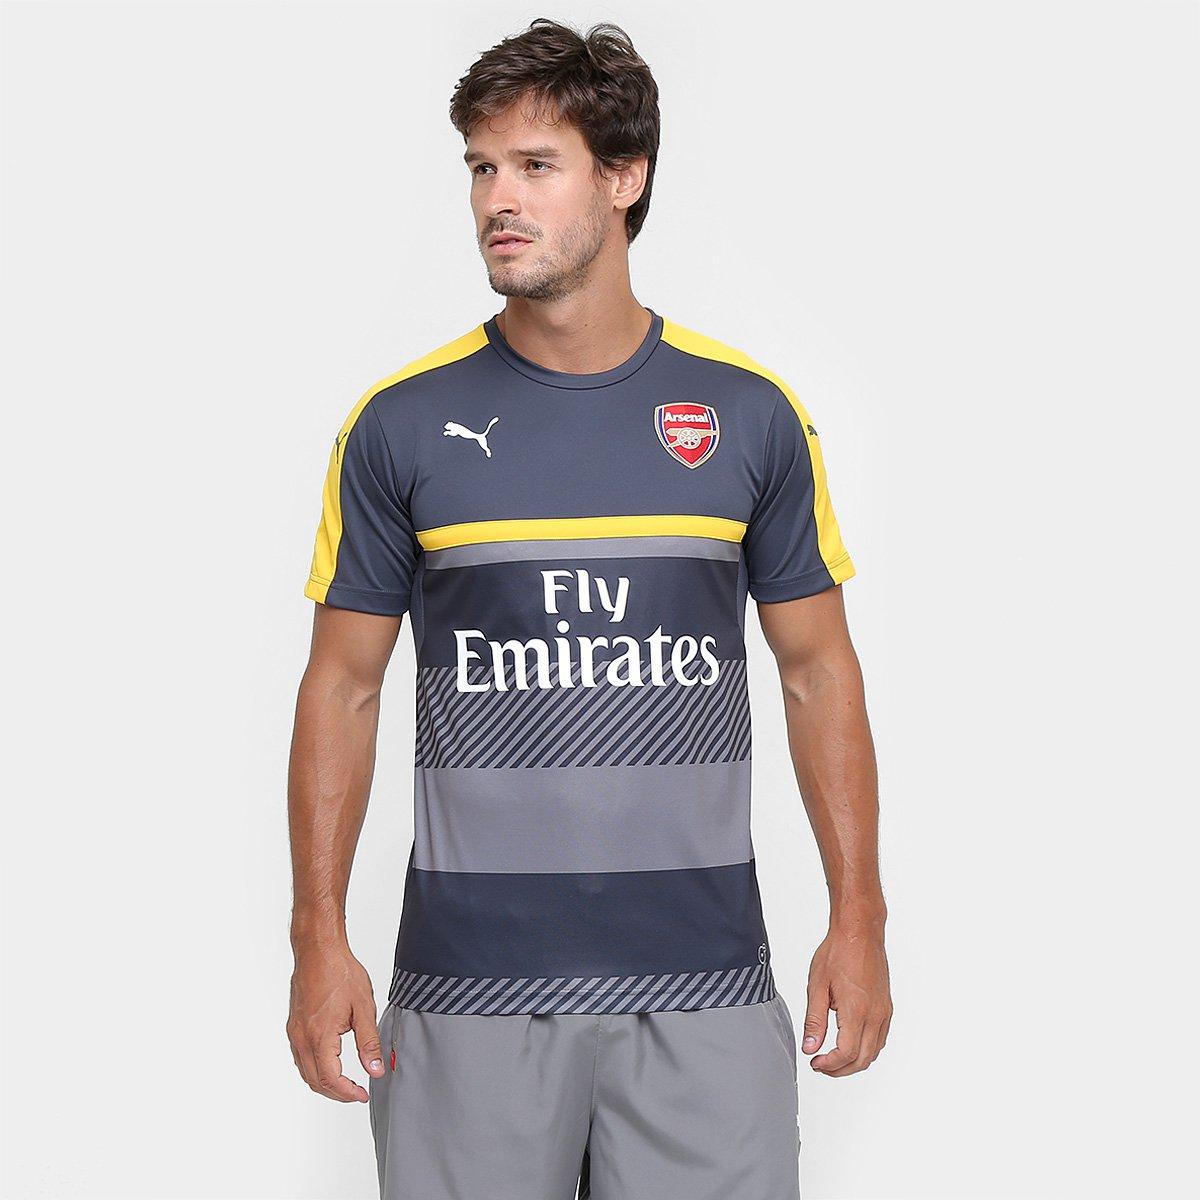 26187ba23ec28 Camisa Treino Arsenal - Torcedor Puma Masculina - Compre Agora ...